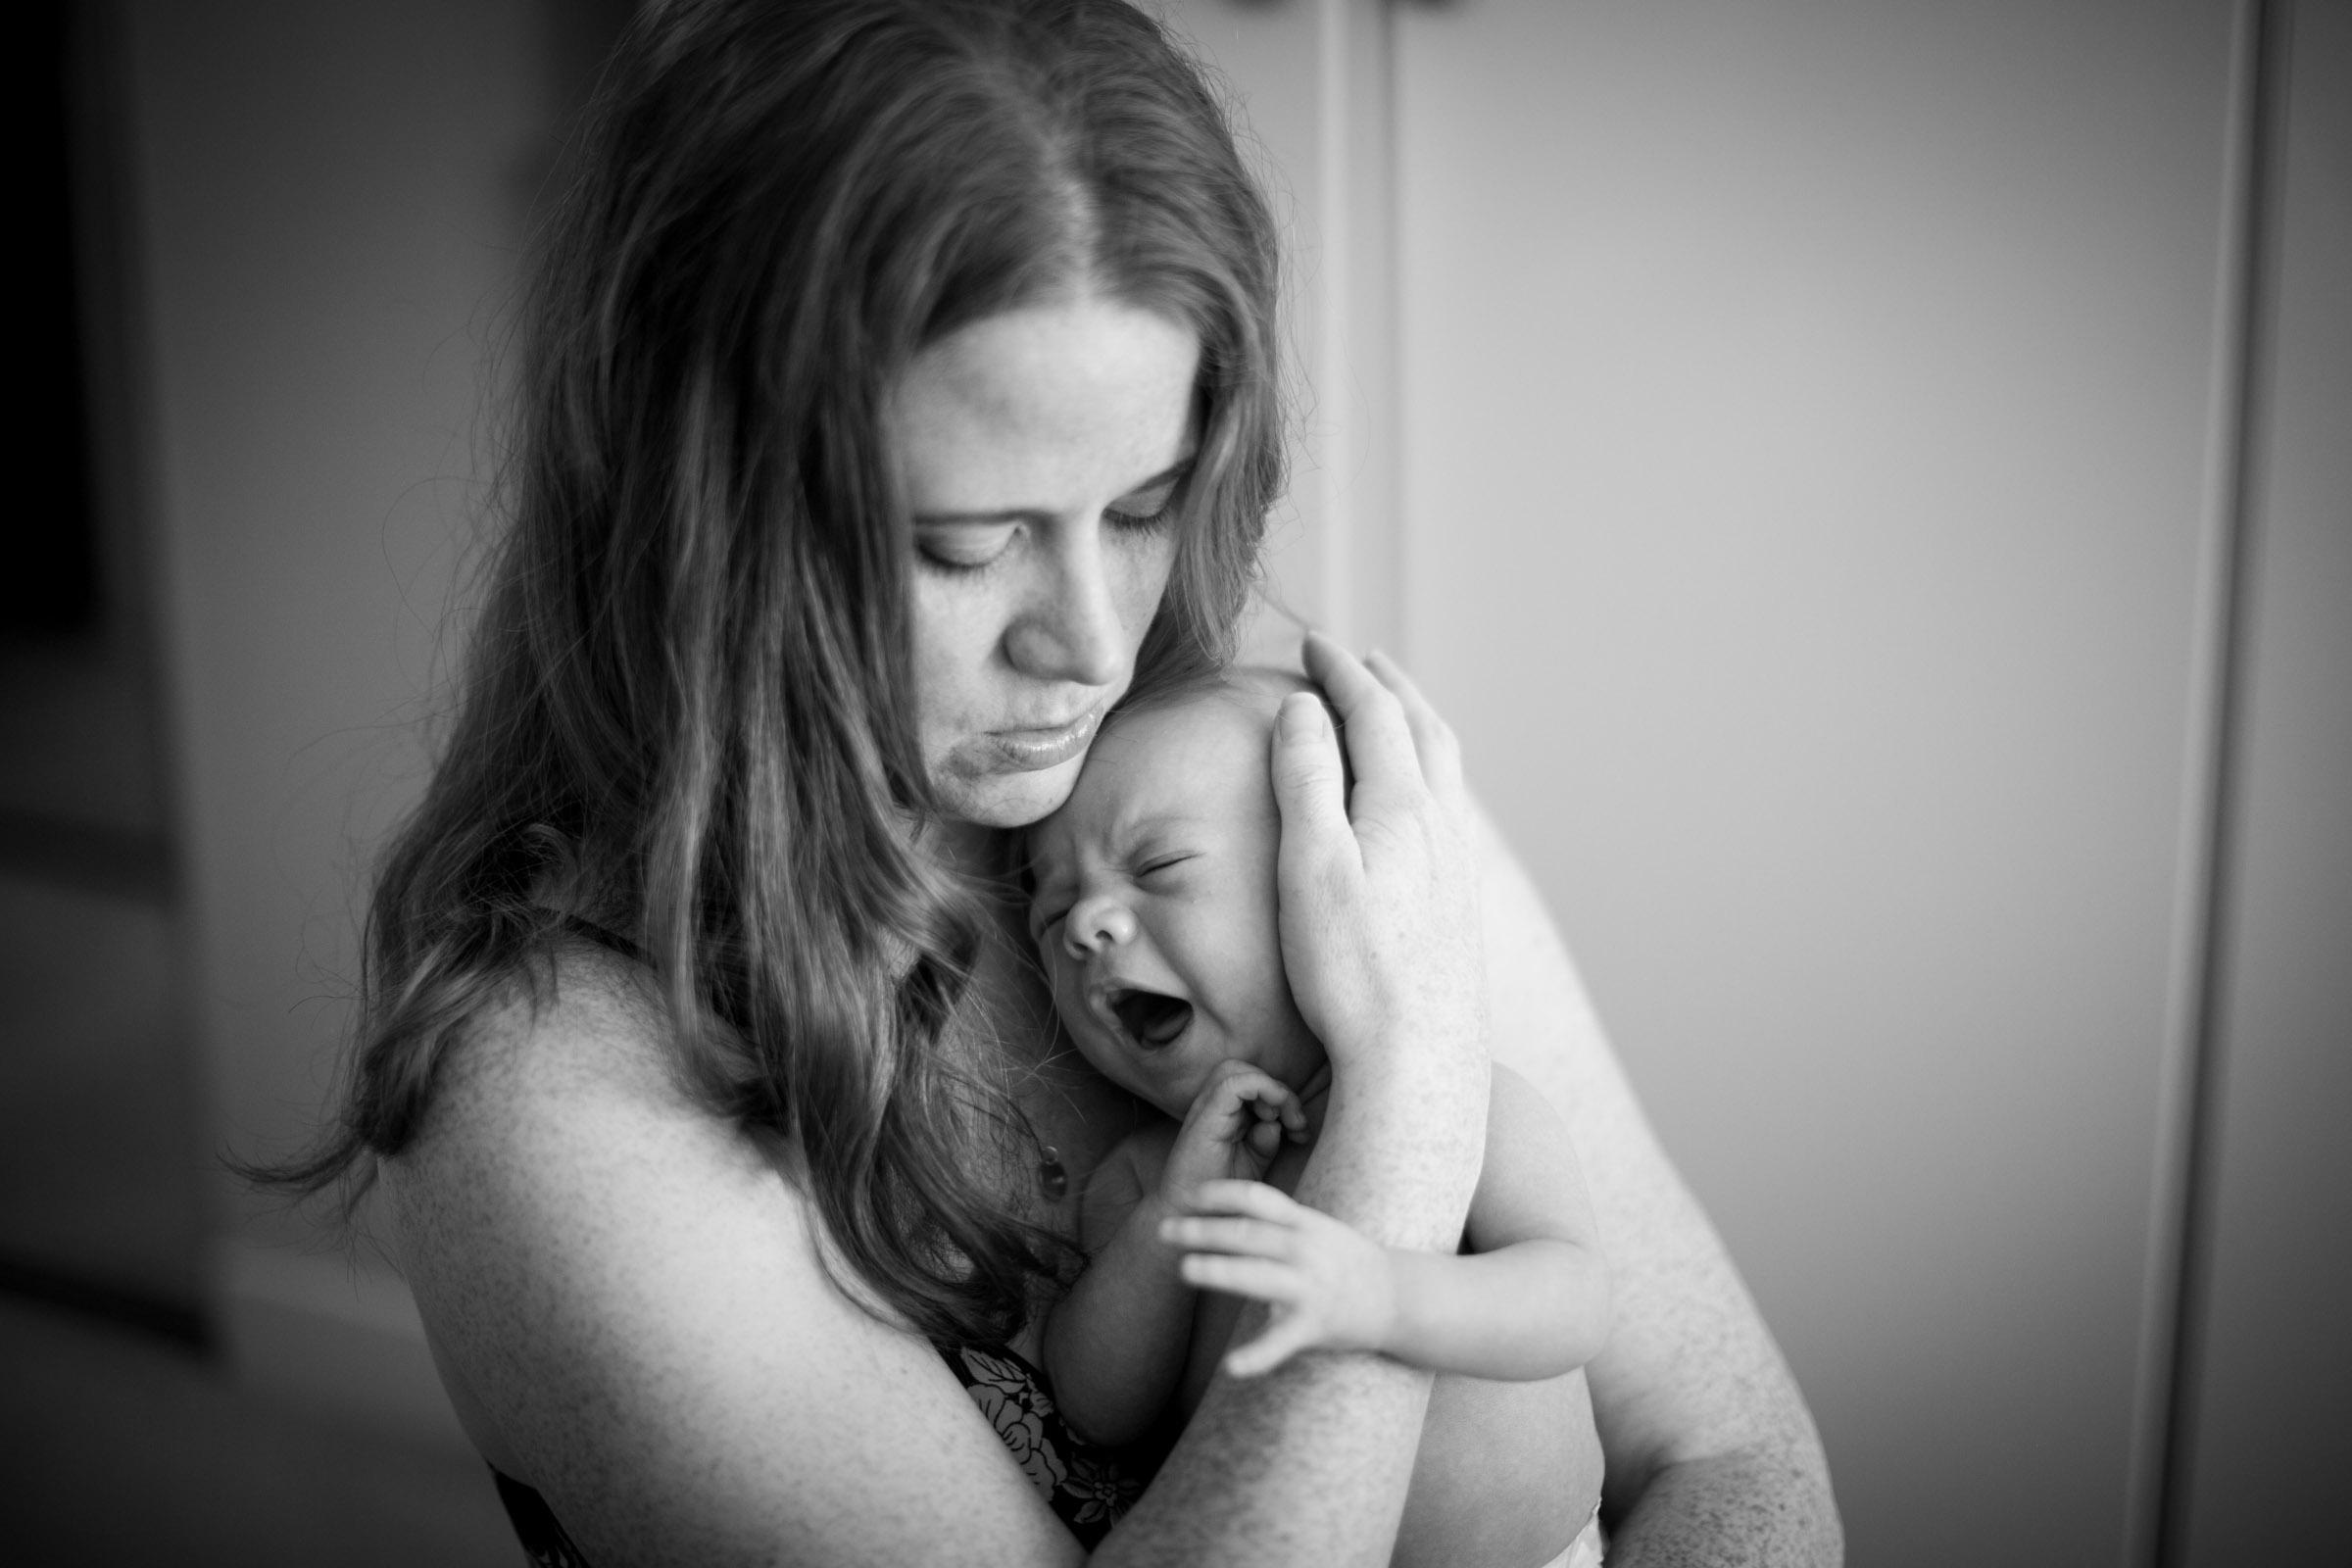 Newborn Photographer in Bay Area